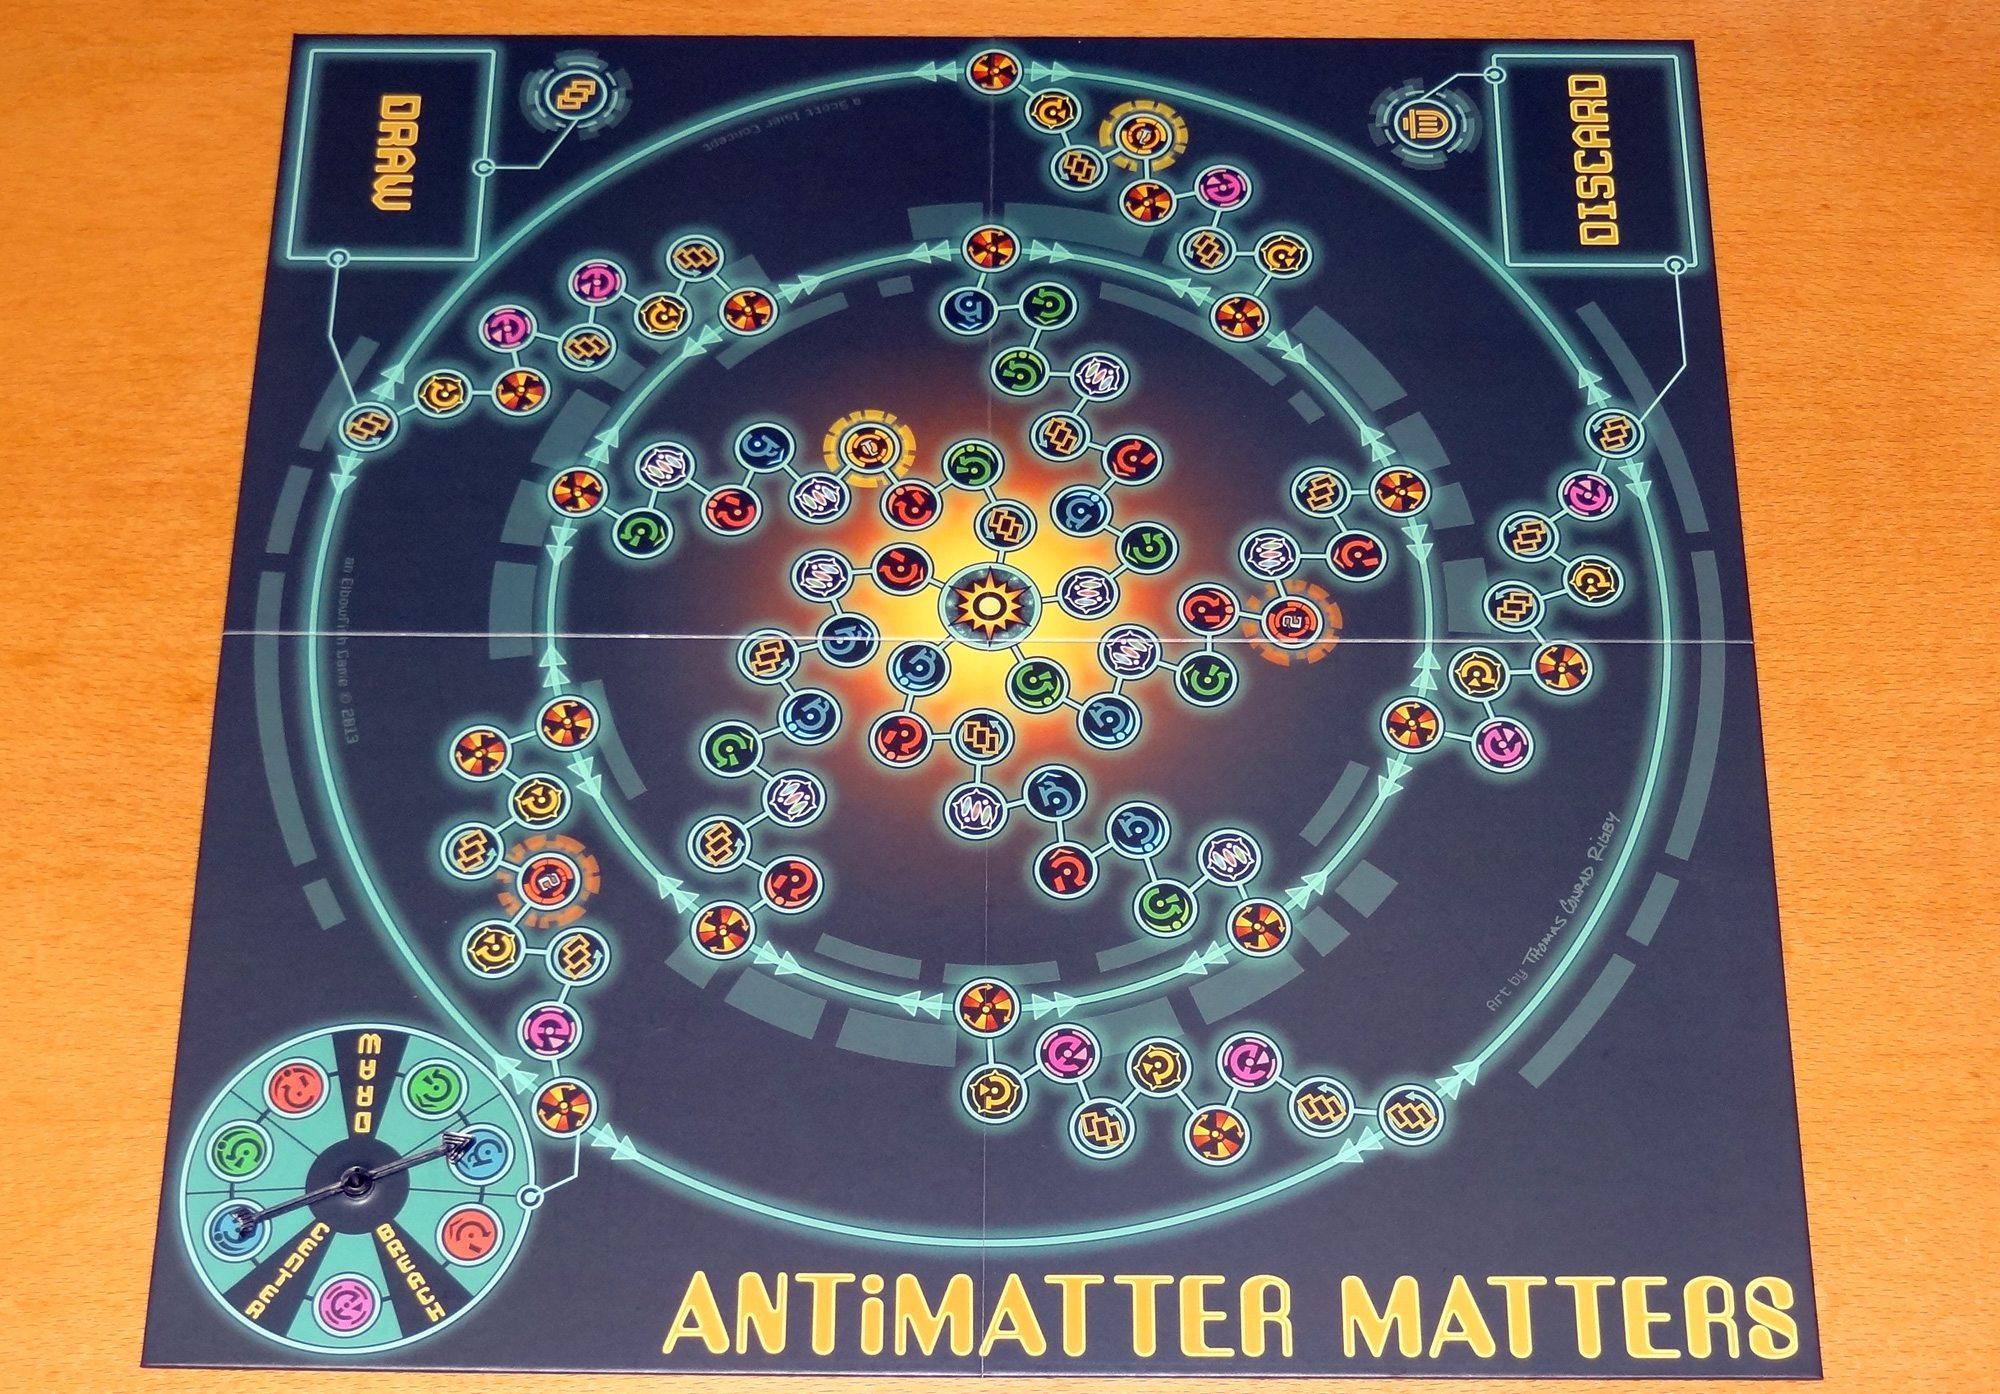 Antimatter Matters board